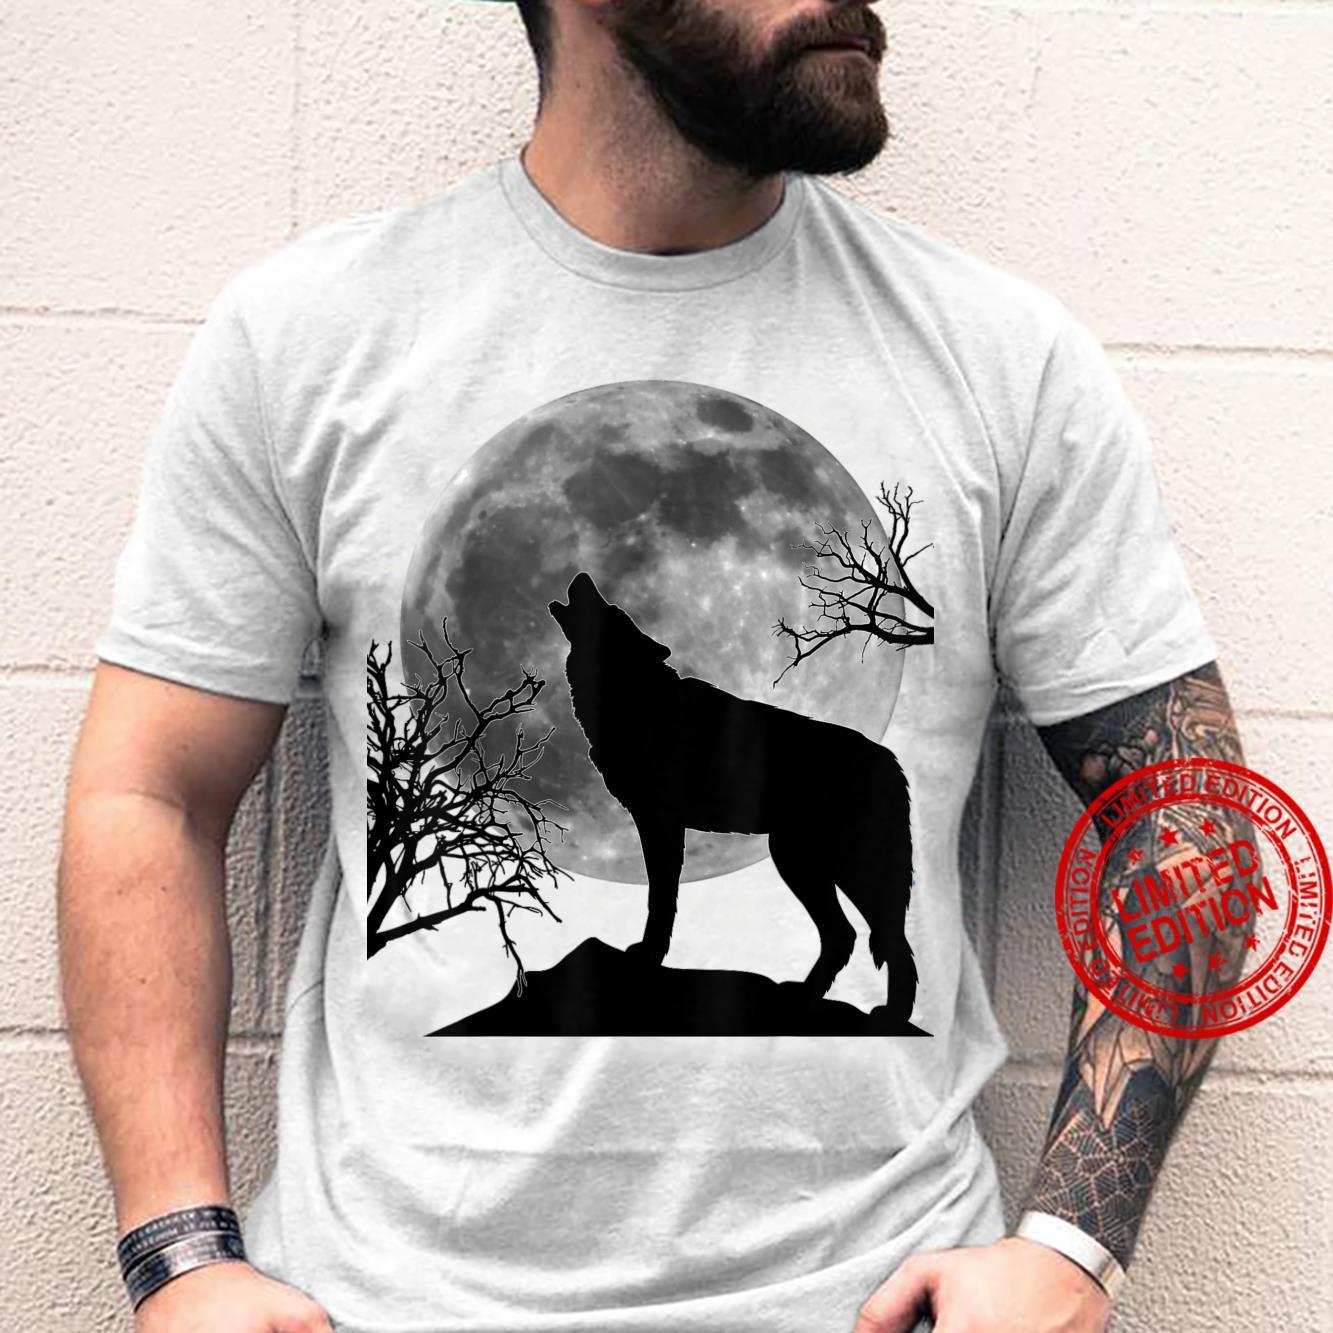 Howling at the Moon Shirt